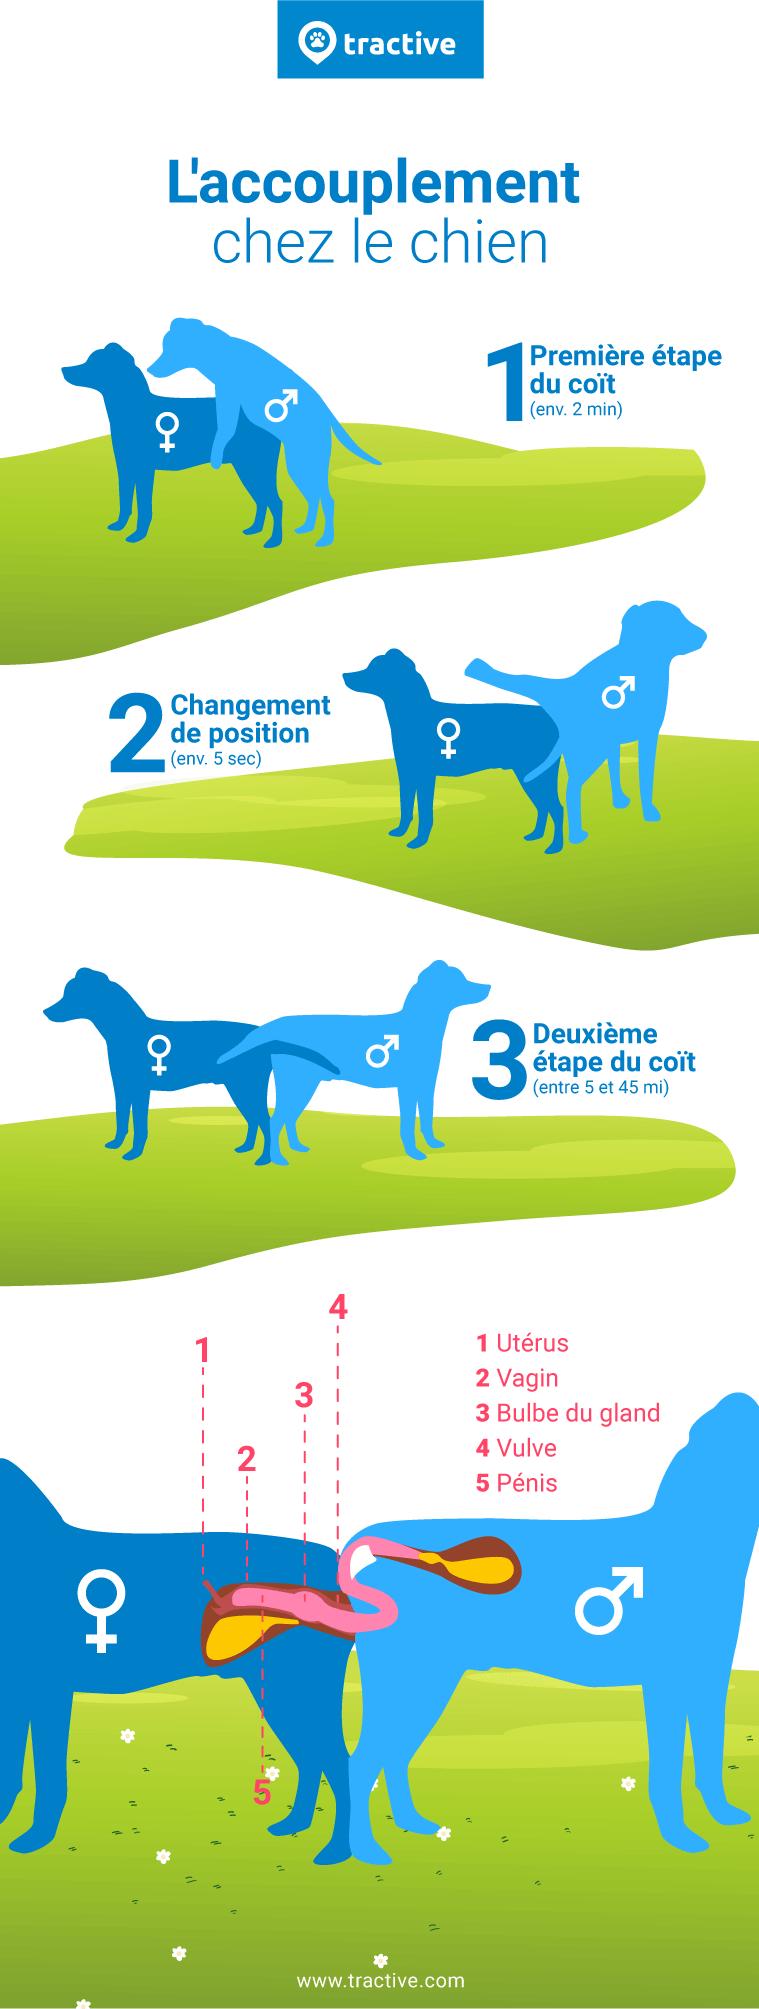 Infographie qui décrit l'accouplement chez le chien